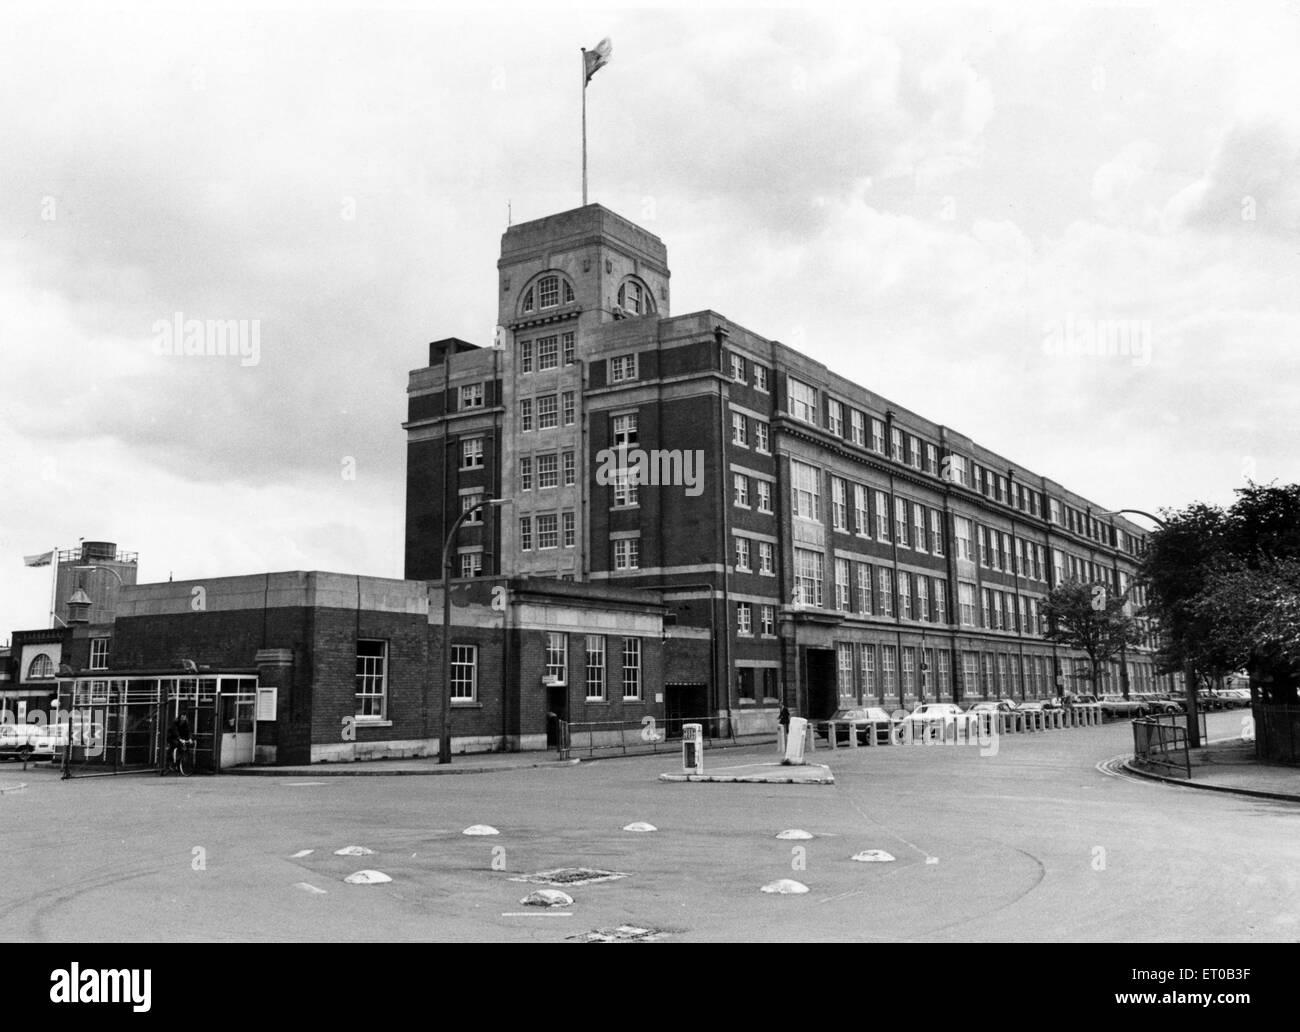 Fort Dunlop à Birmingham. Le 13 mai 1983. Photo Stock